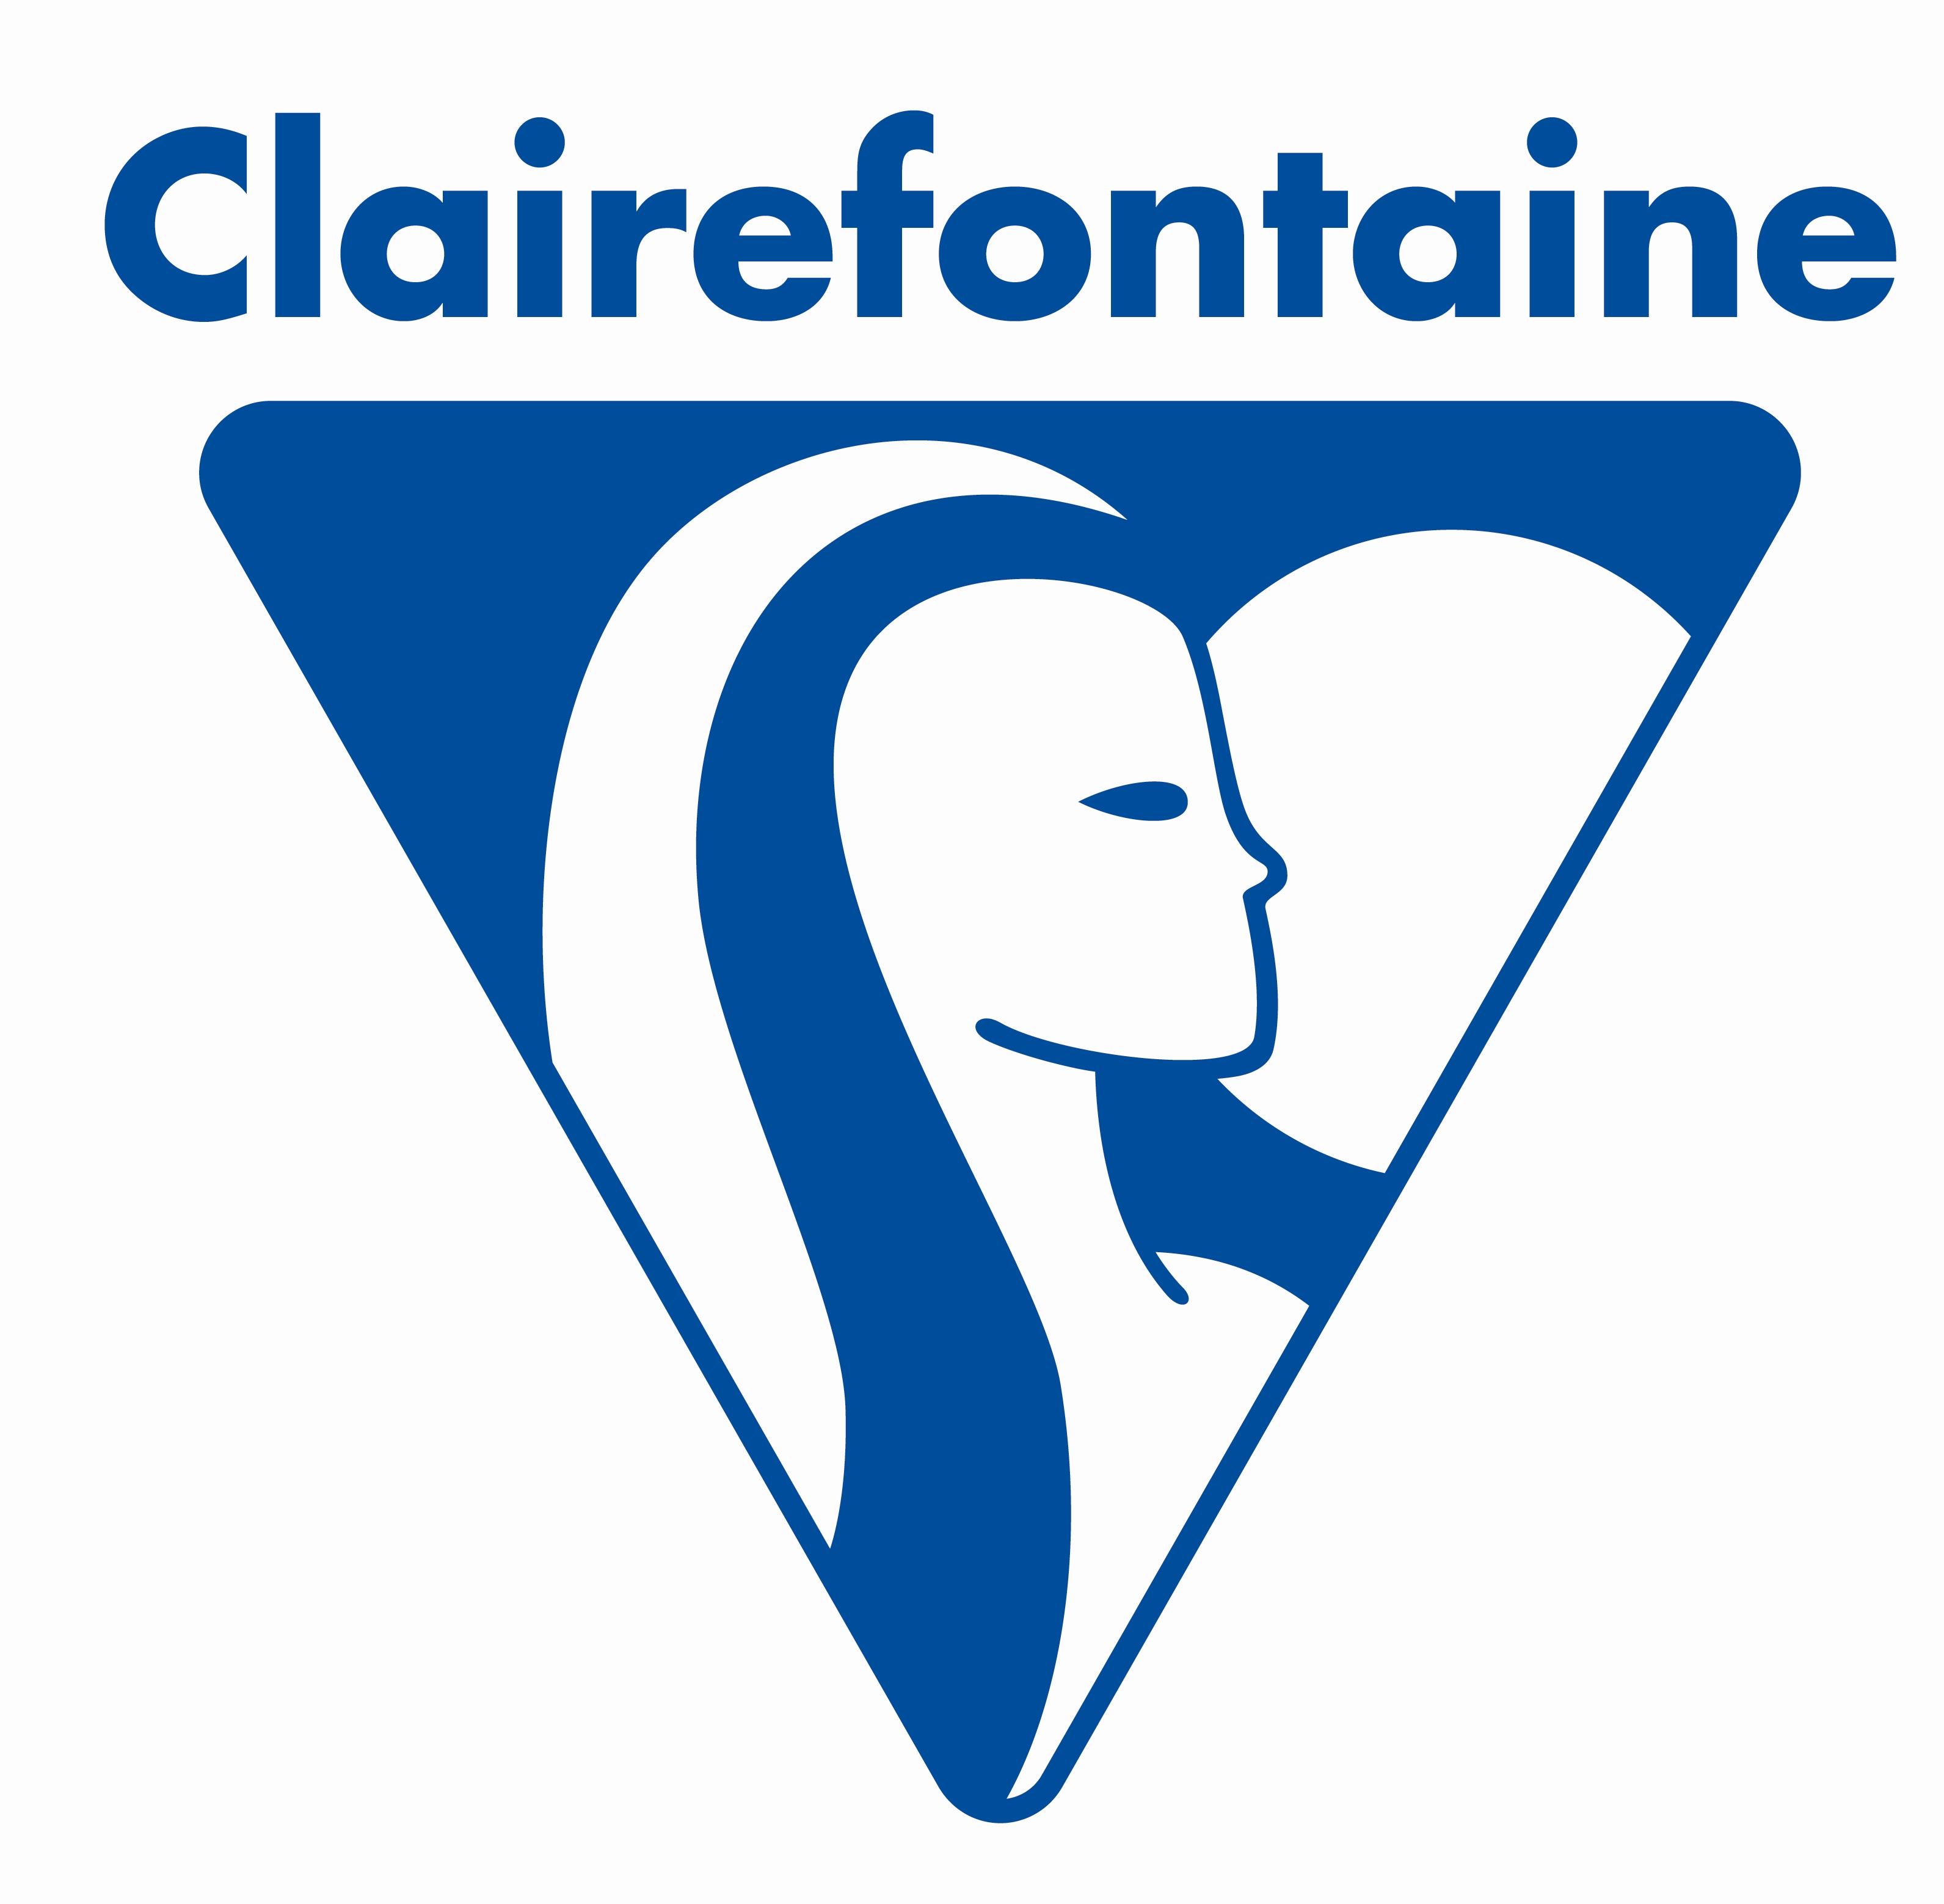 Vorschau: Clairefontaine Trophée Rosa 120g/m² DIN-A4 - 250 Blatt